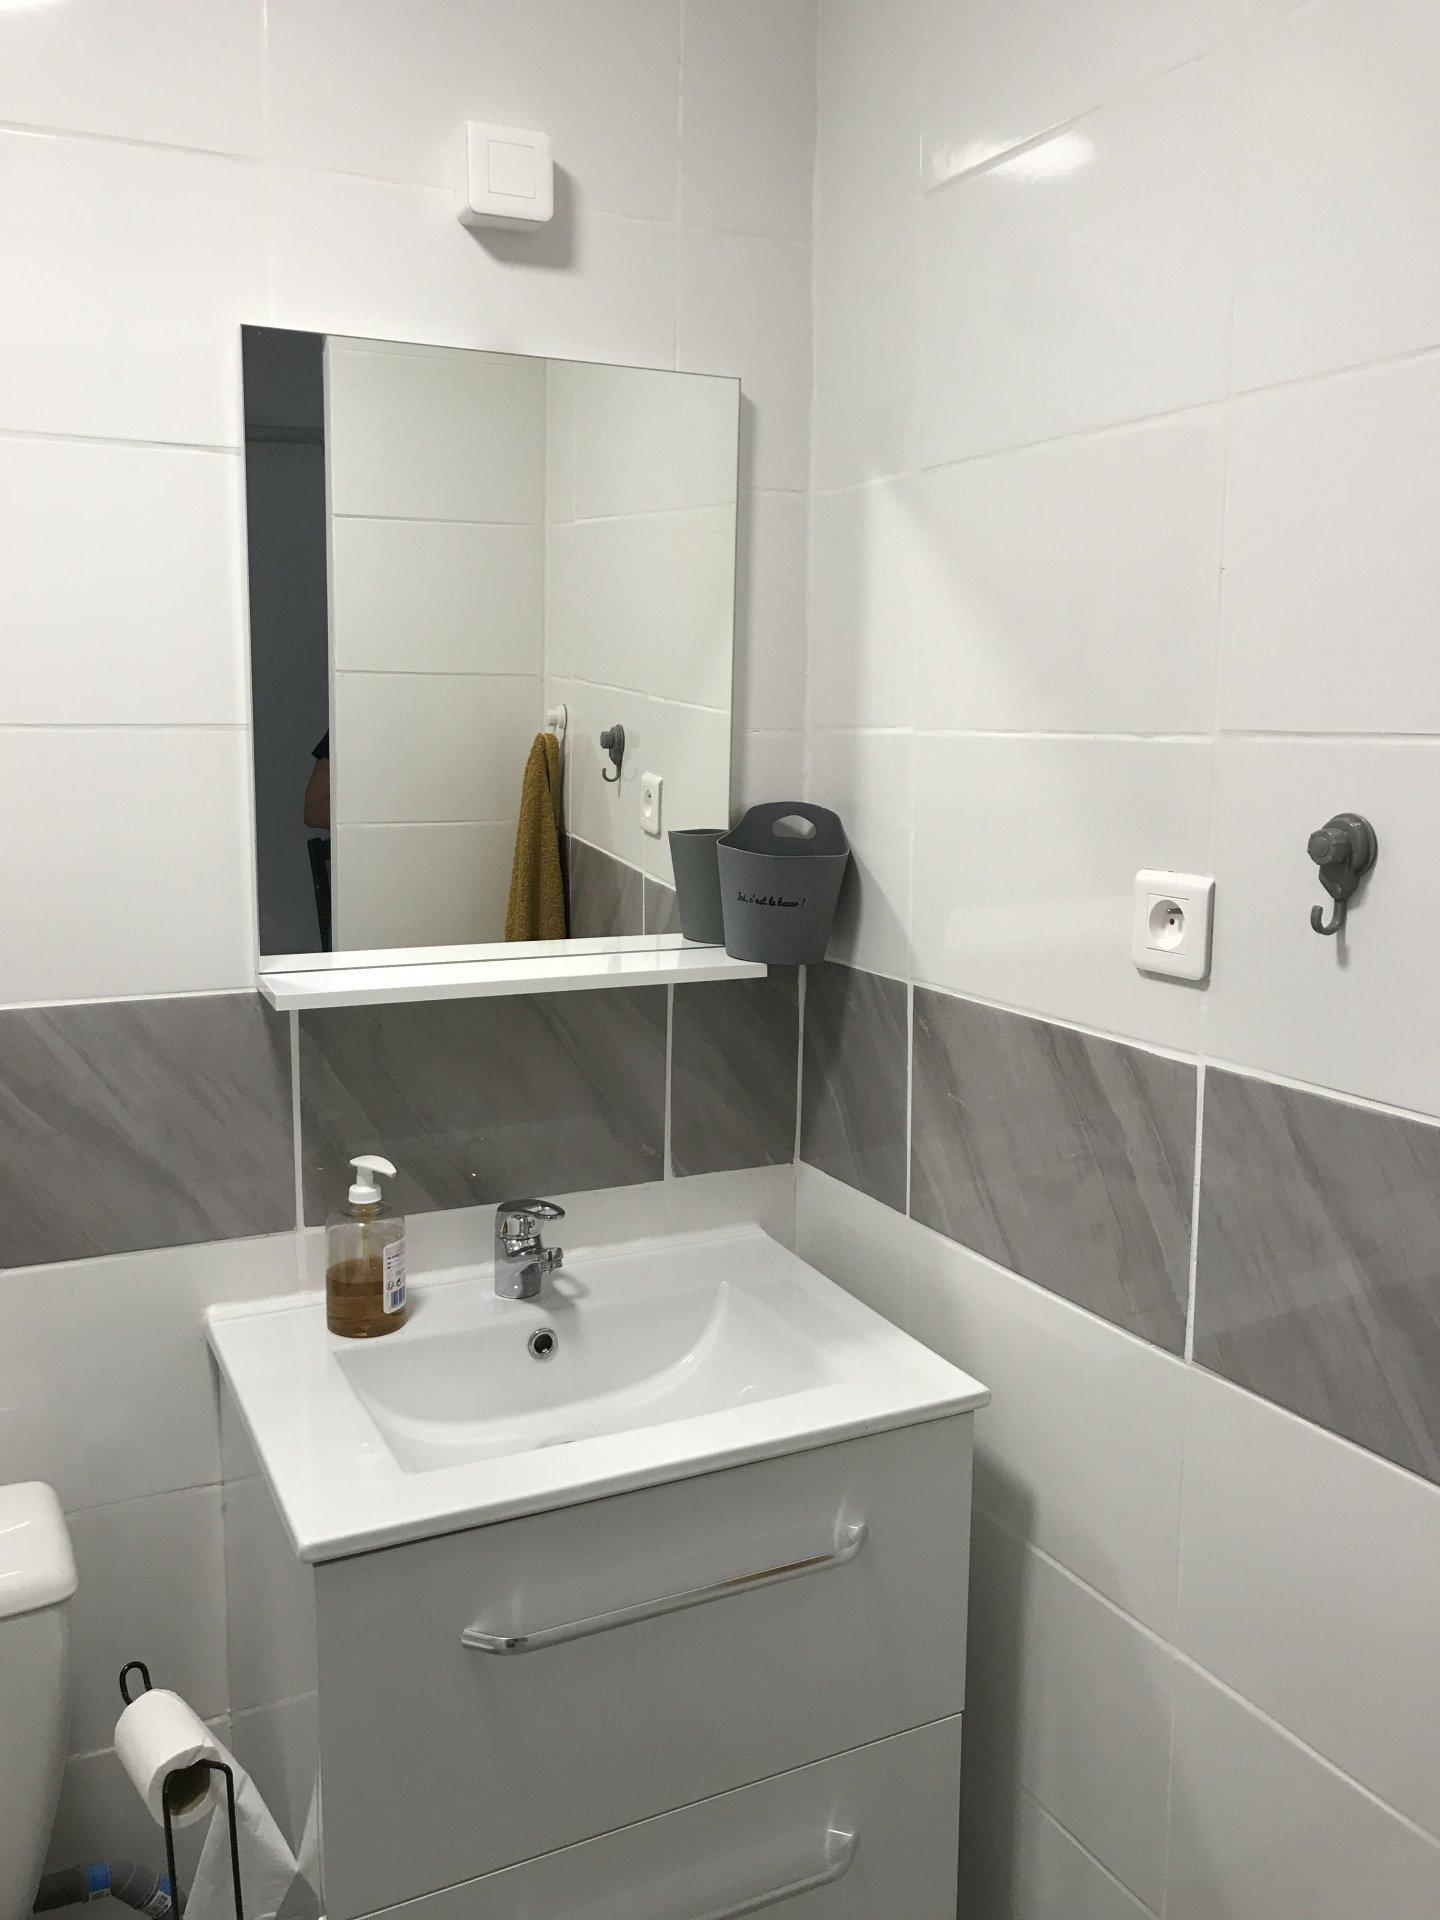 Seasonal rental Apartment - Calenzana